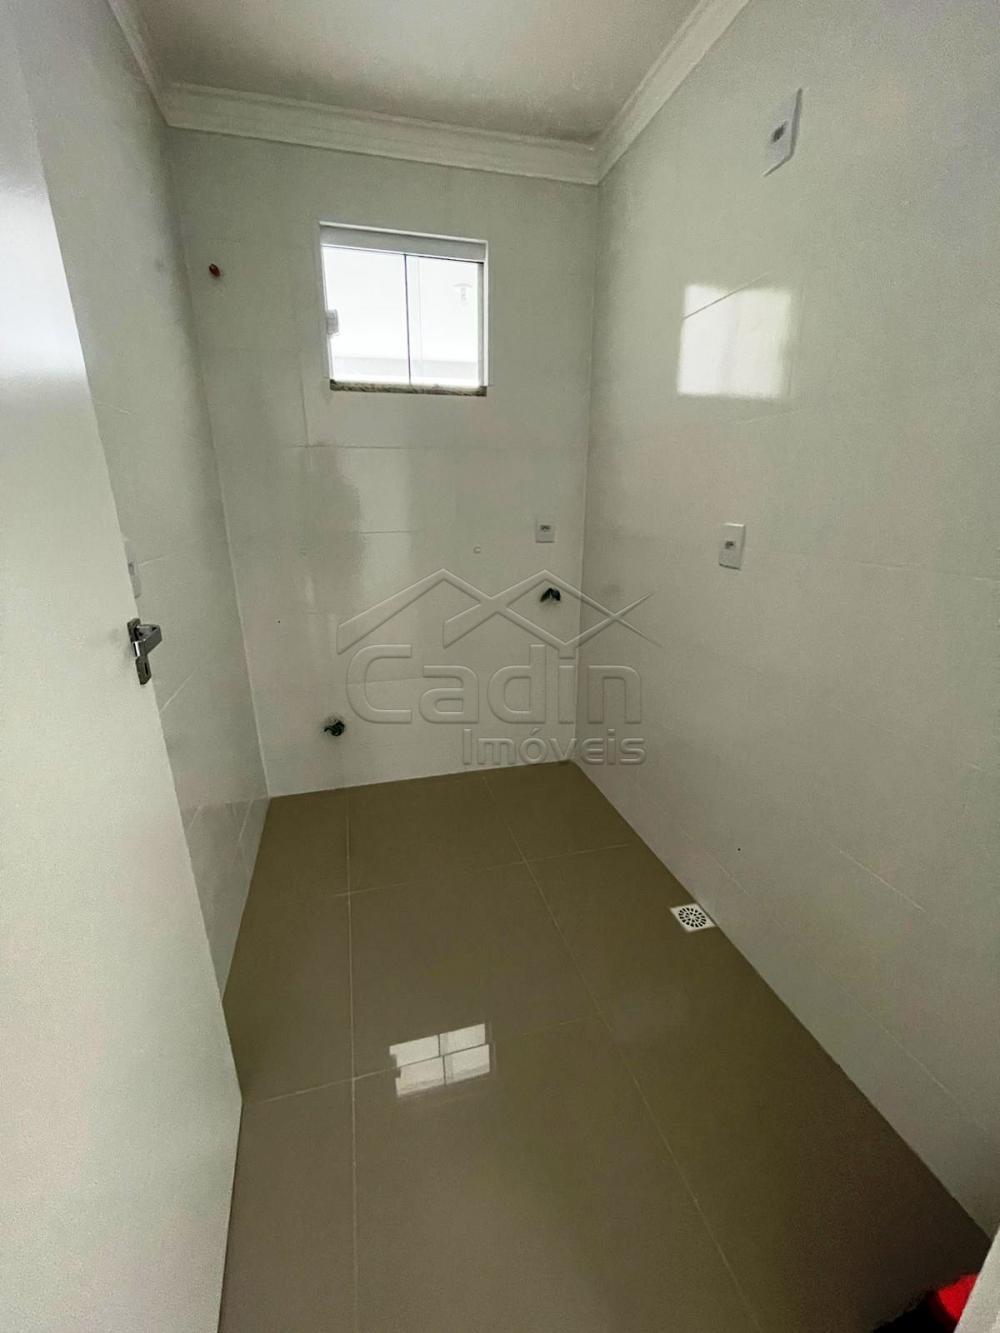 Comprar Casa / Geminada em Navegantes R$ 385.000,00 - Foto 16